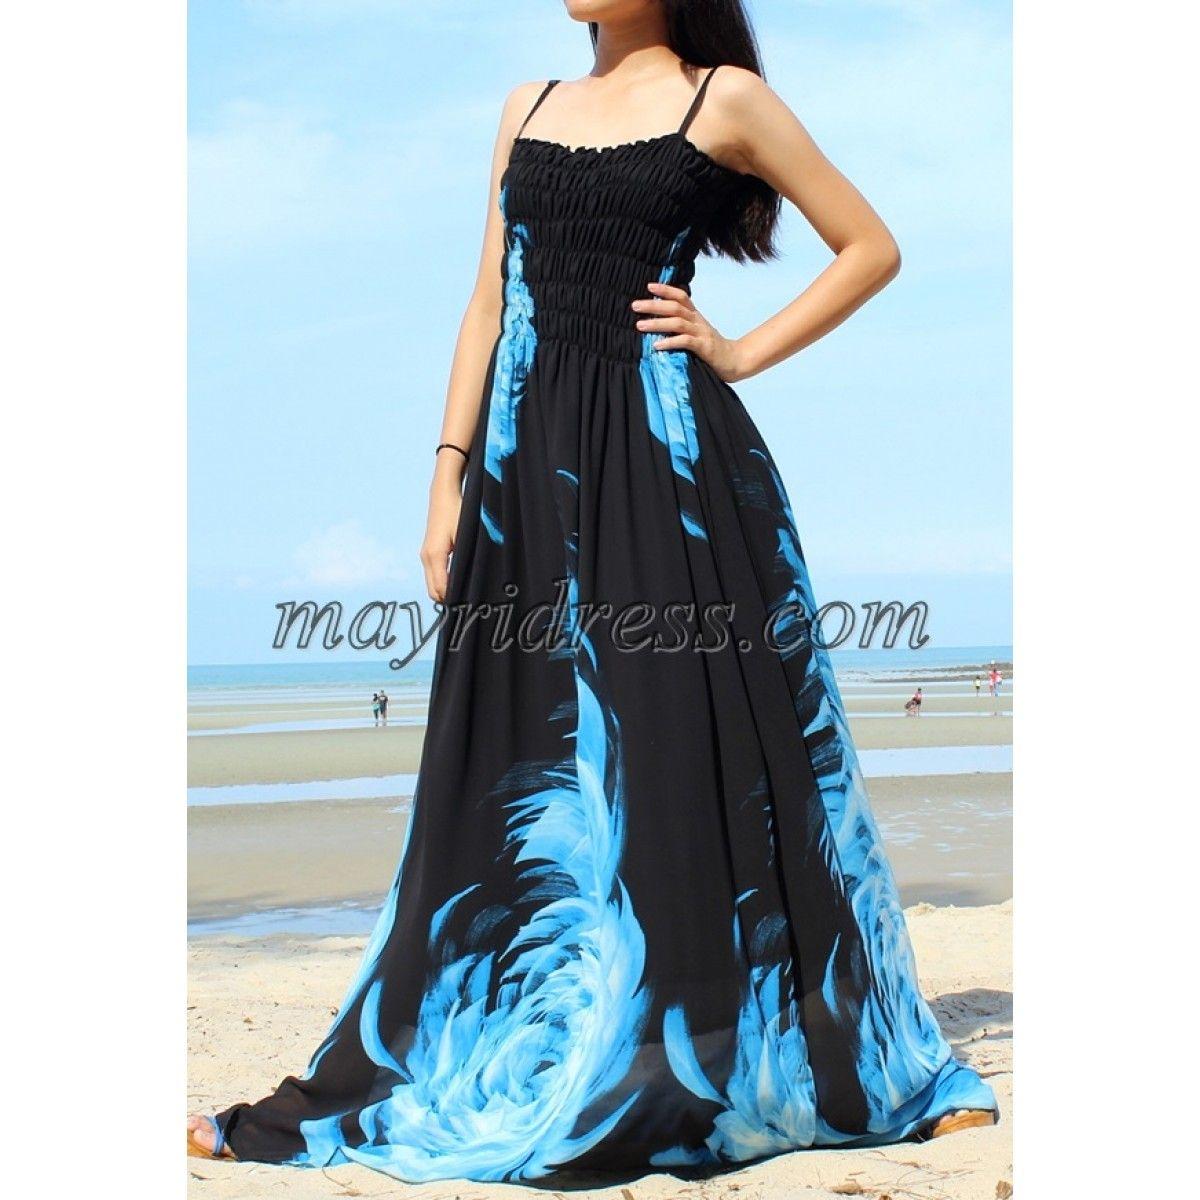 Black maxi dress plus size dress prom dress wedding dress summer